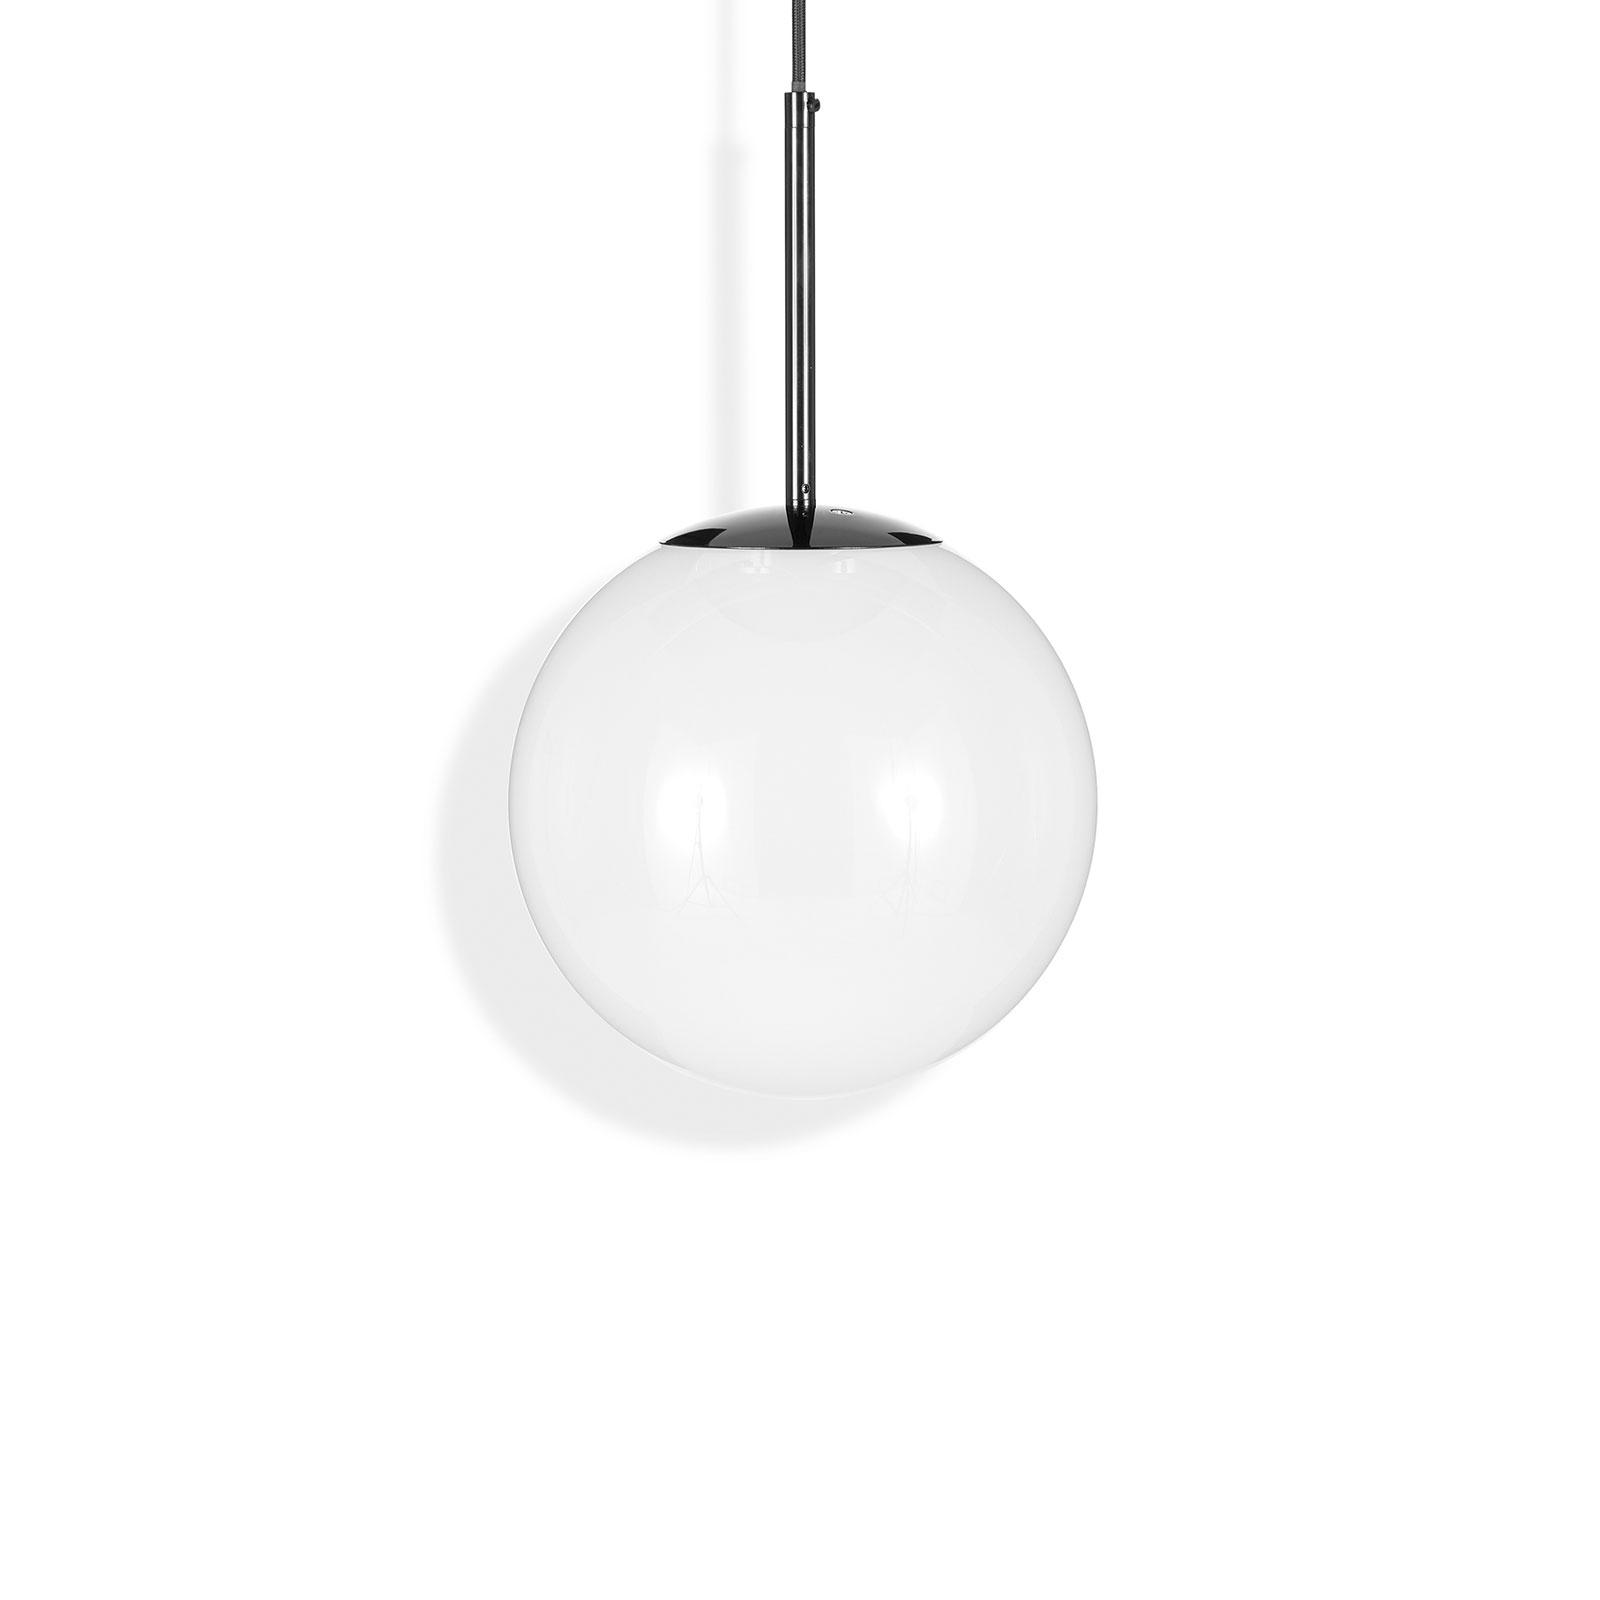 Tom Dixon Opal Kugel-LED-Hängelampe, Ø 25 cm